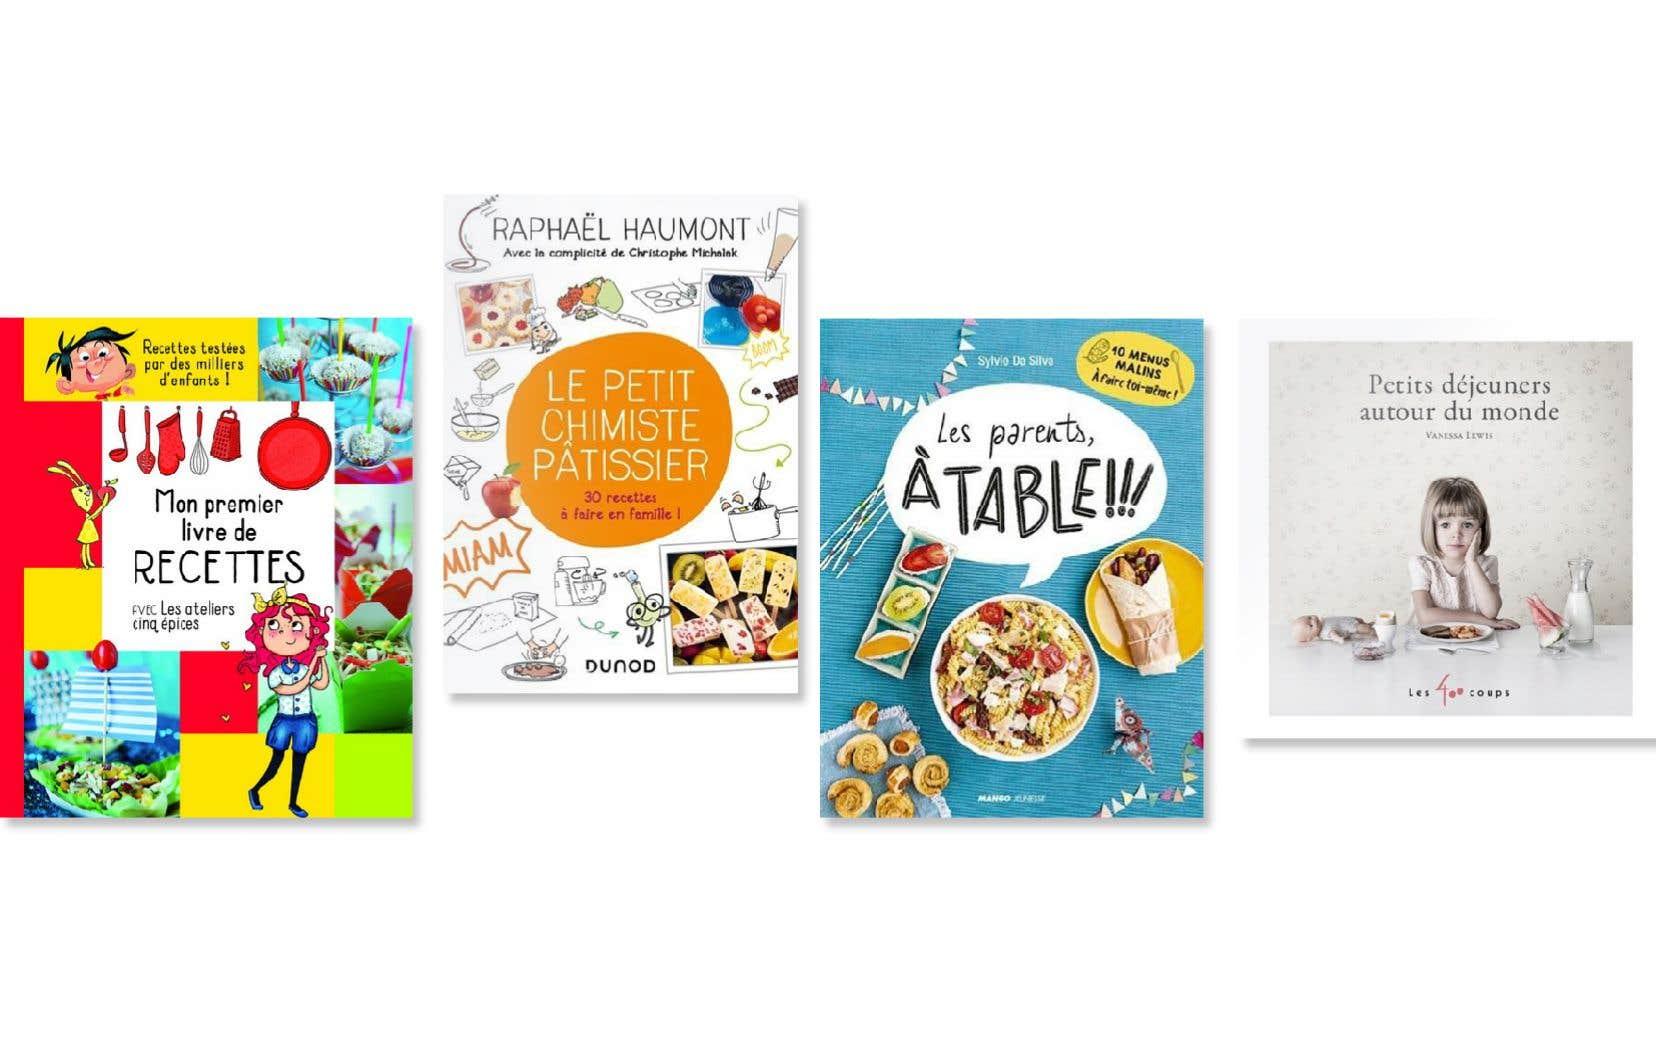 C'est en cuisinant que les enfants intègrent le mieux les bonnes habitudes alimentaires et qu'ils découvrent de nouveaux aliments.